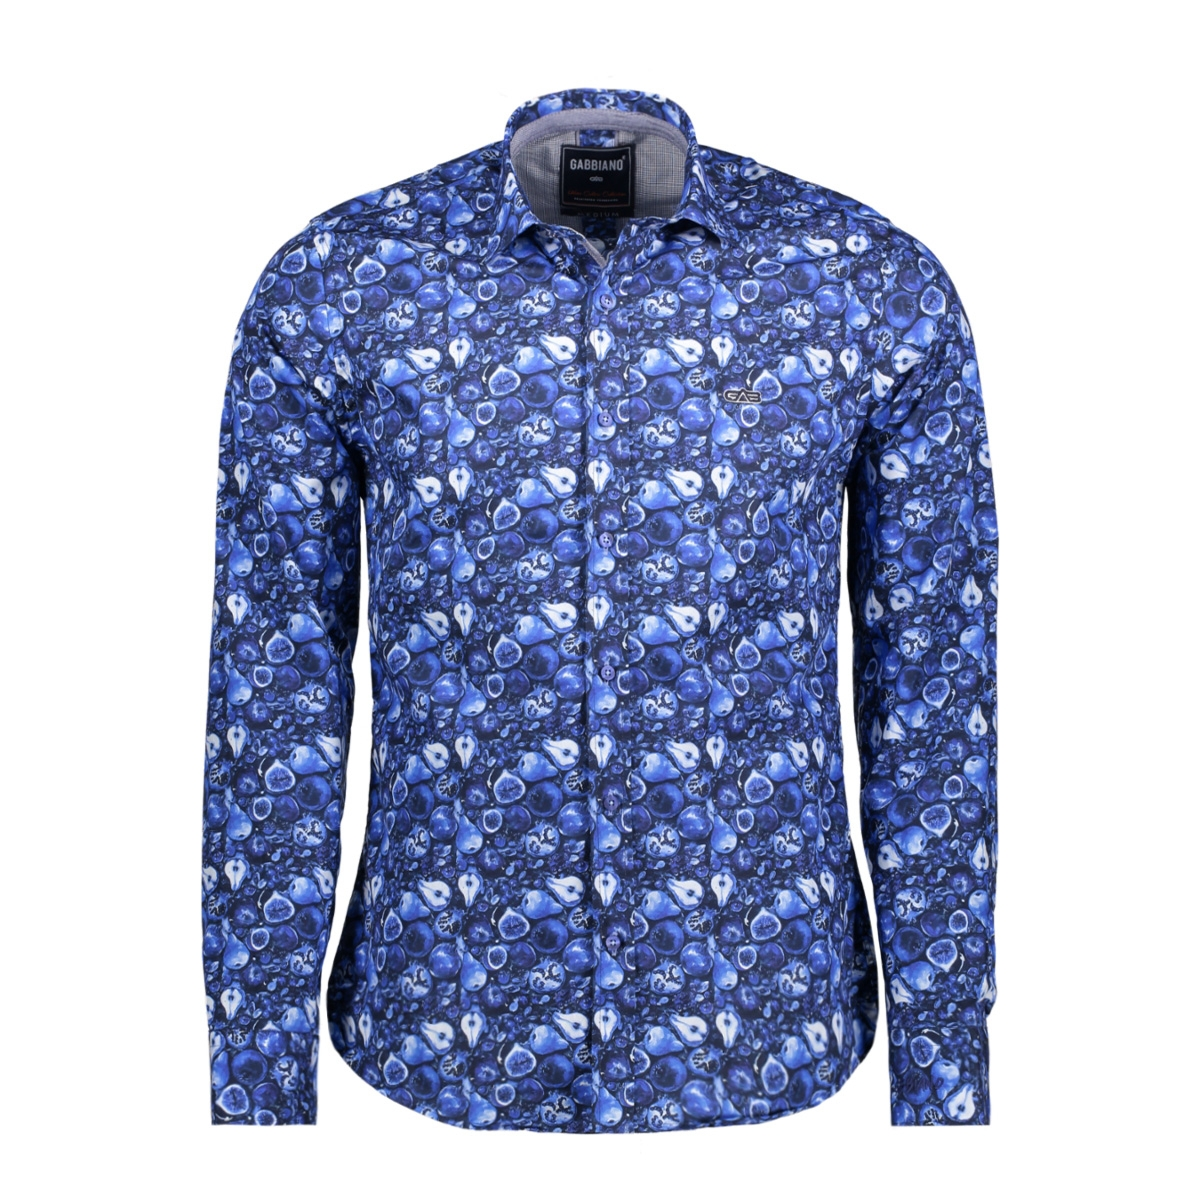 32639 gabbiano overhemd 1